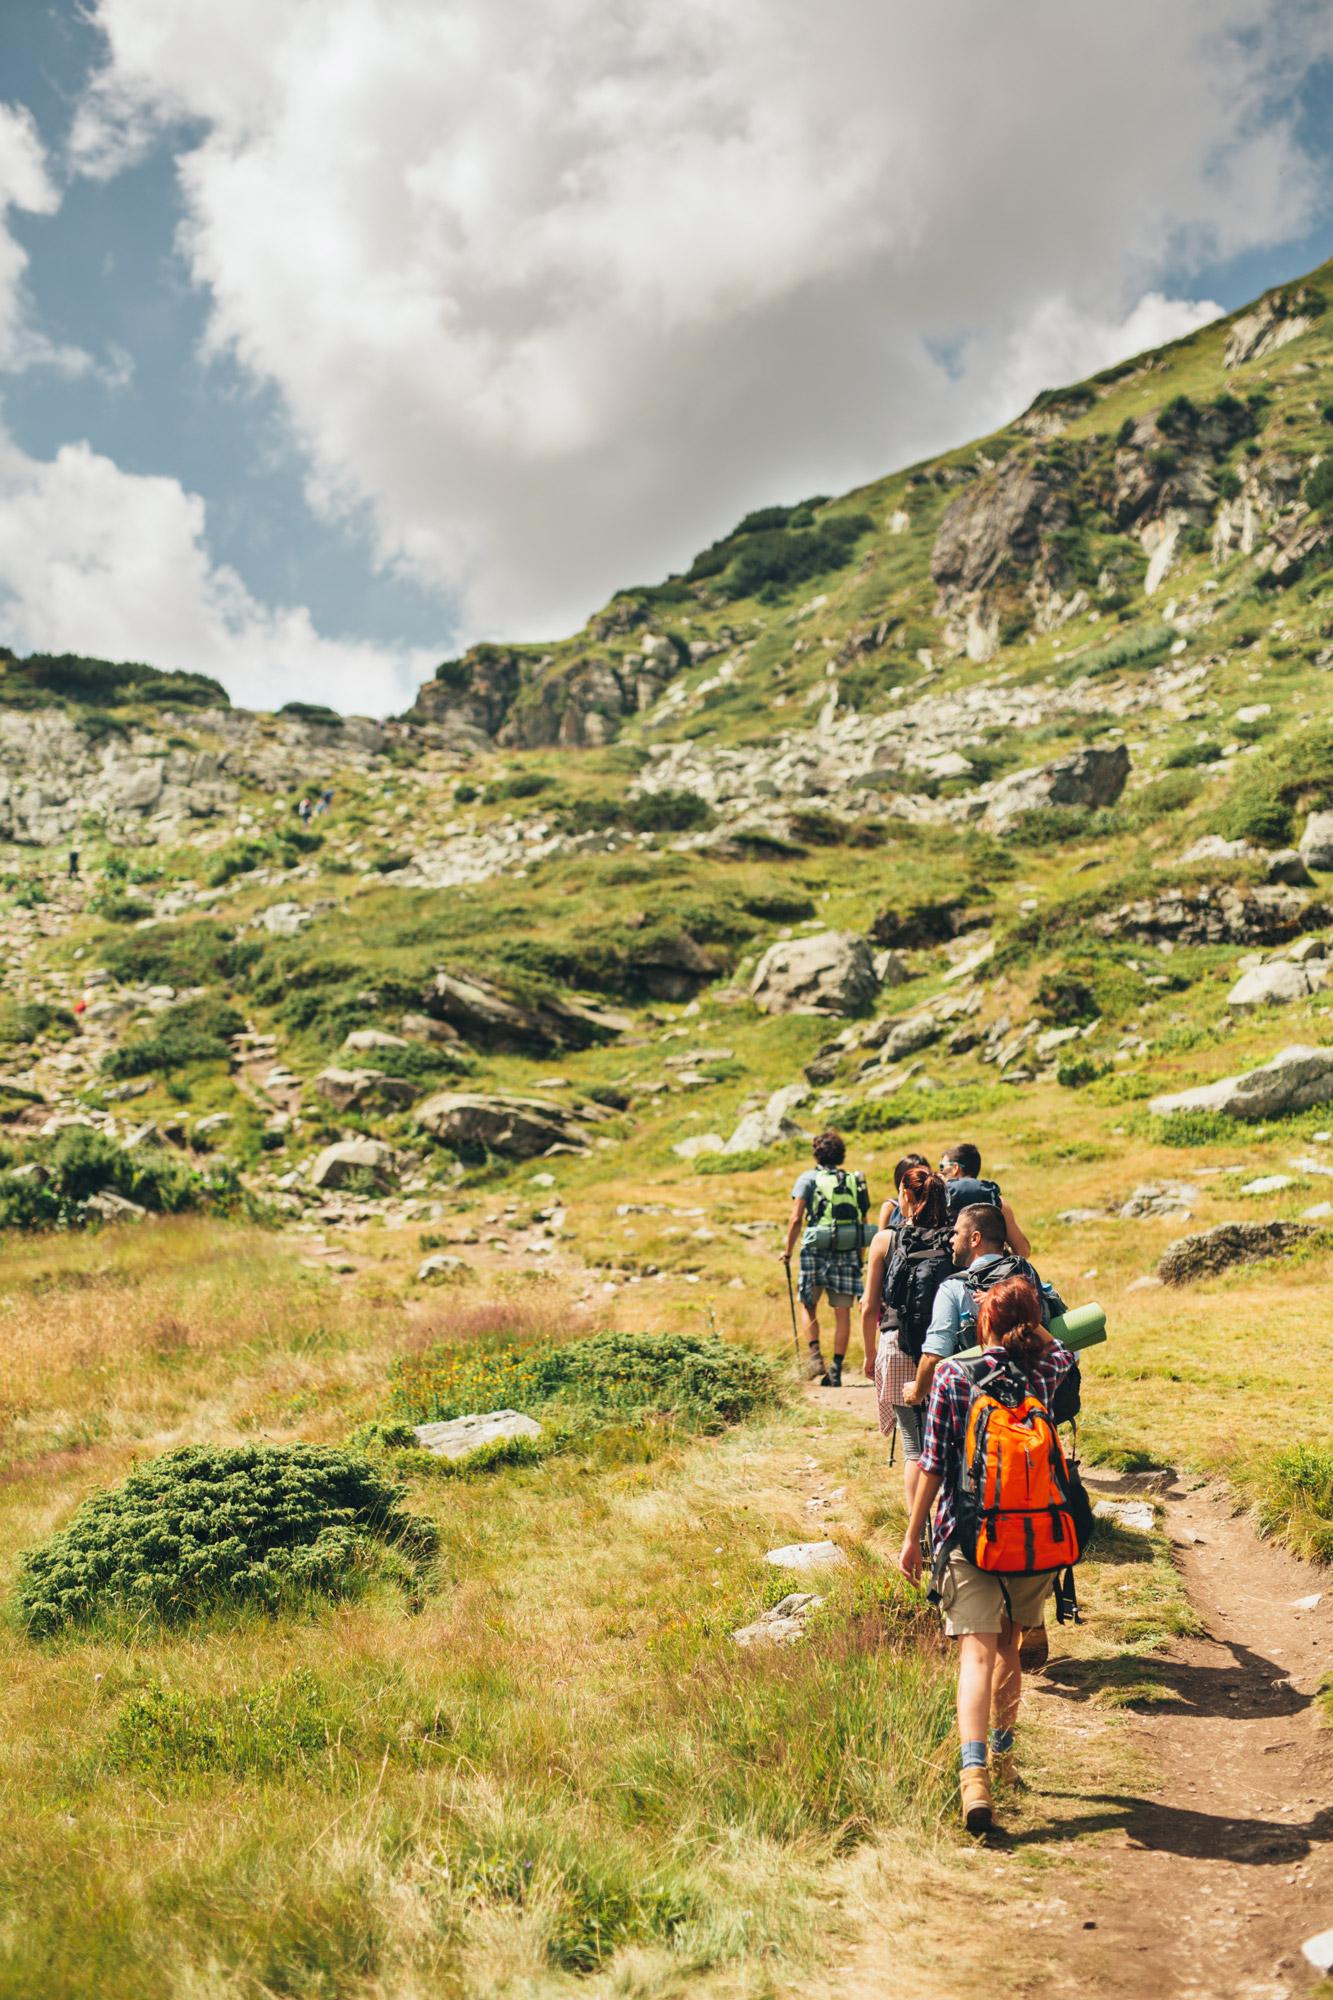 Groupe depersonnes partageant une activité commune : de la randonnée sur les chemins de montagne